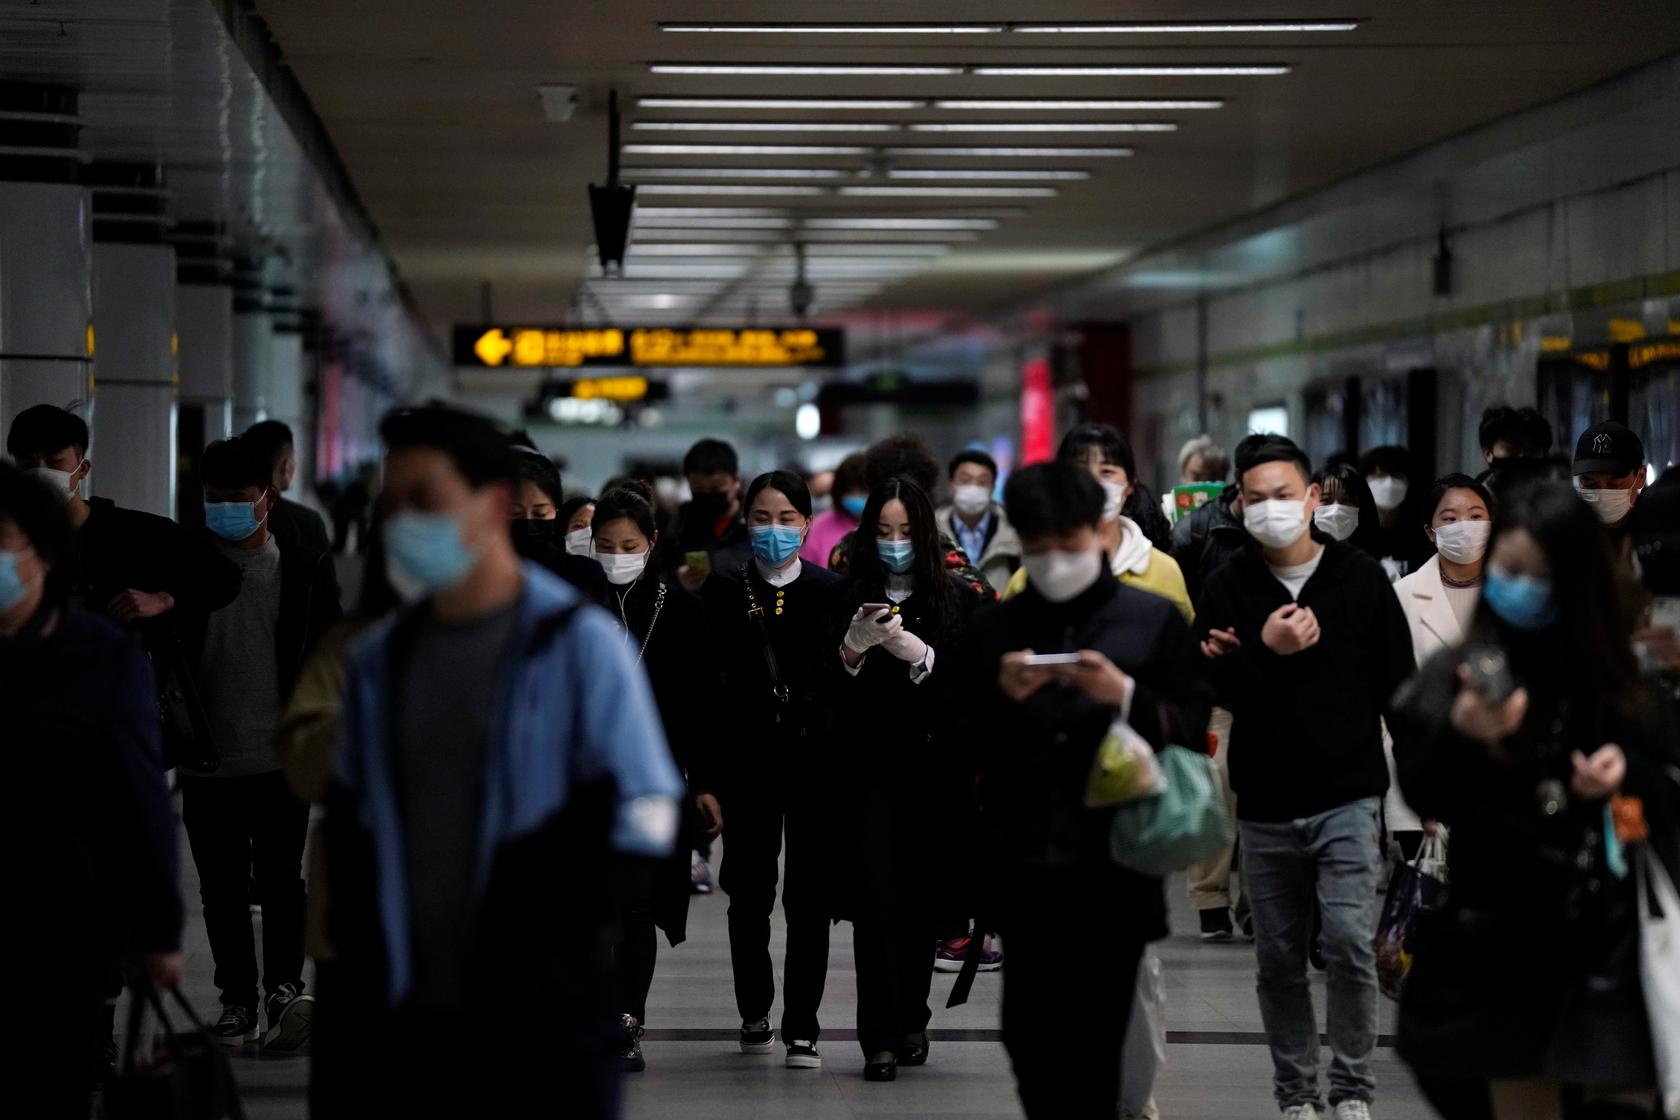 Prolaznici sa zaštitnim maskama na licu gledaju u telefone, na stanici podzemne železnice, Šangaj, 23. mart 2020. (Foto: REUTERS/Aly Song)